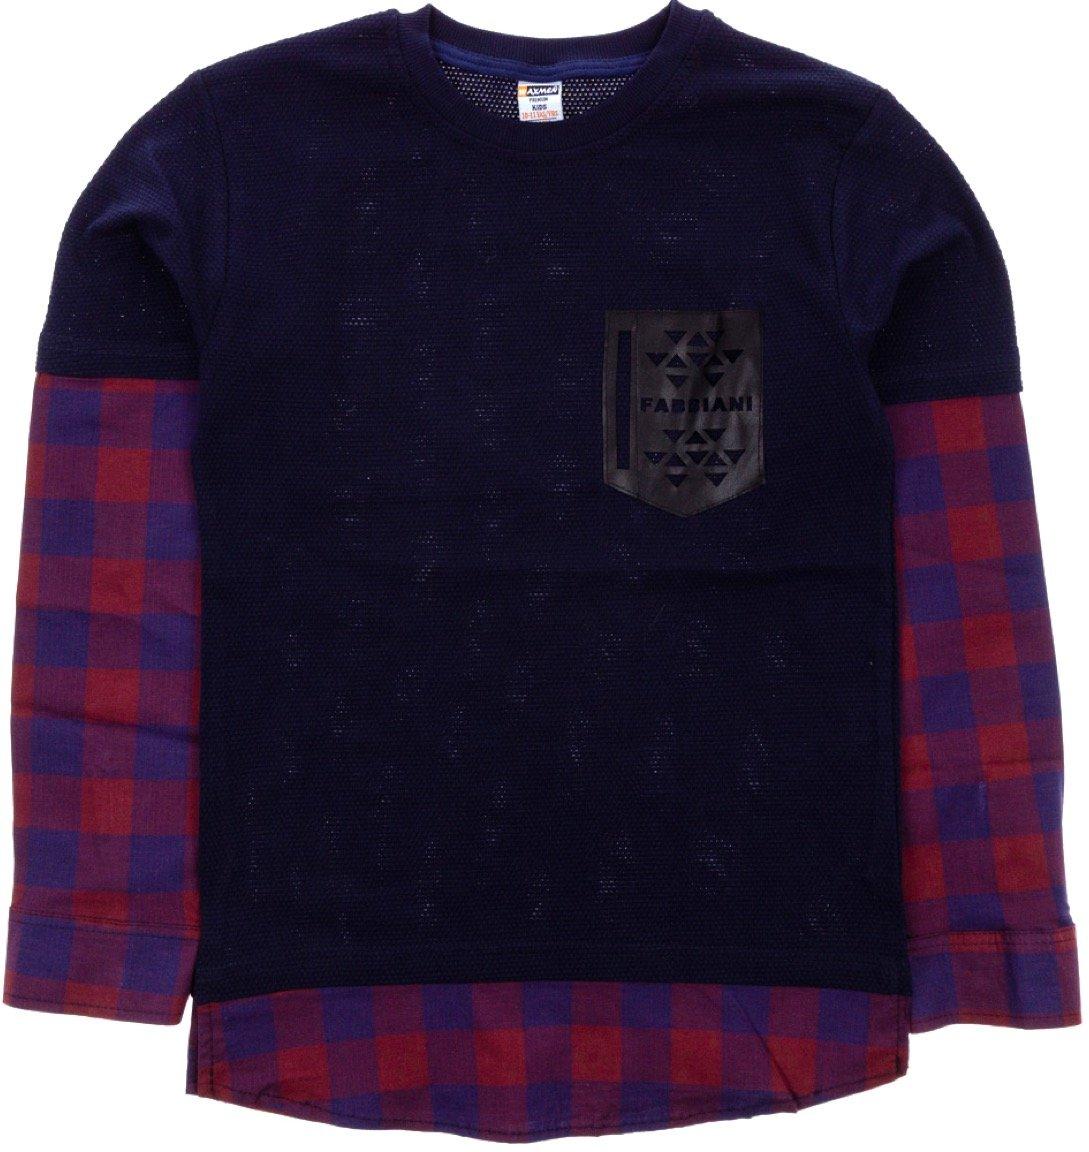 Waxmen παιδική εποχιακή μπλούζα «Blue Fabbiani»